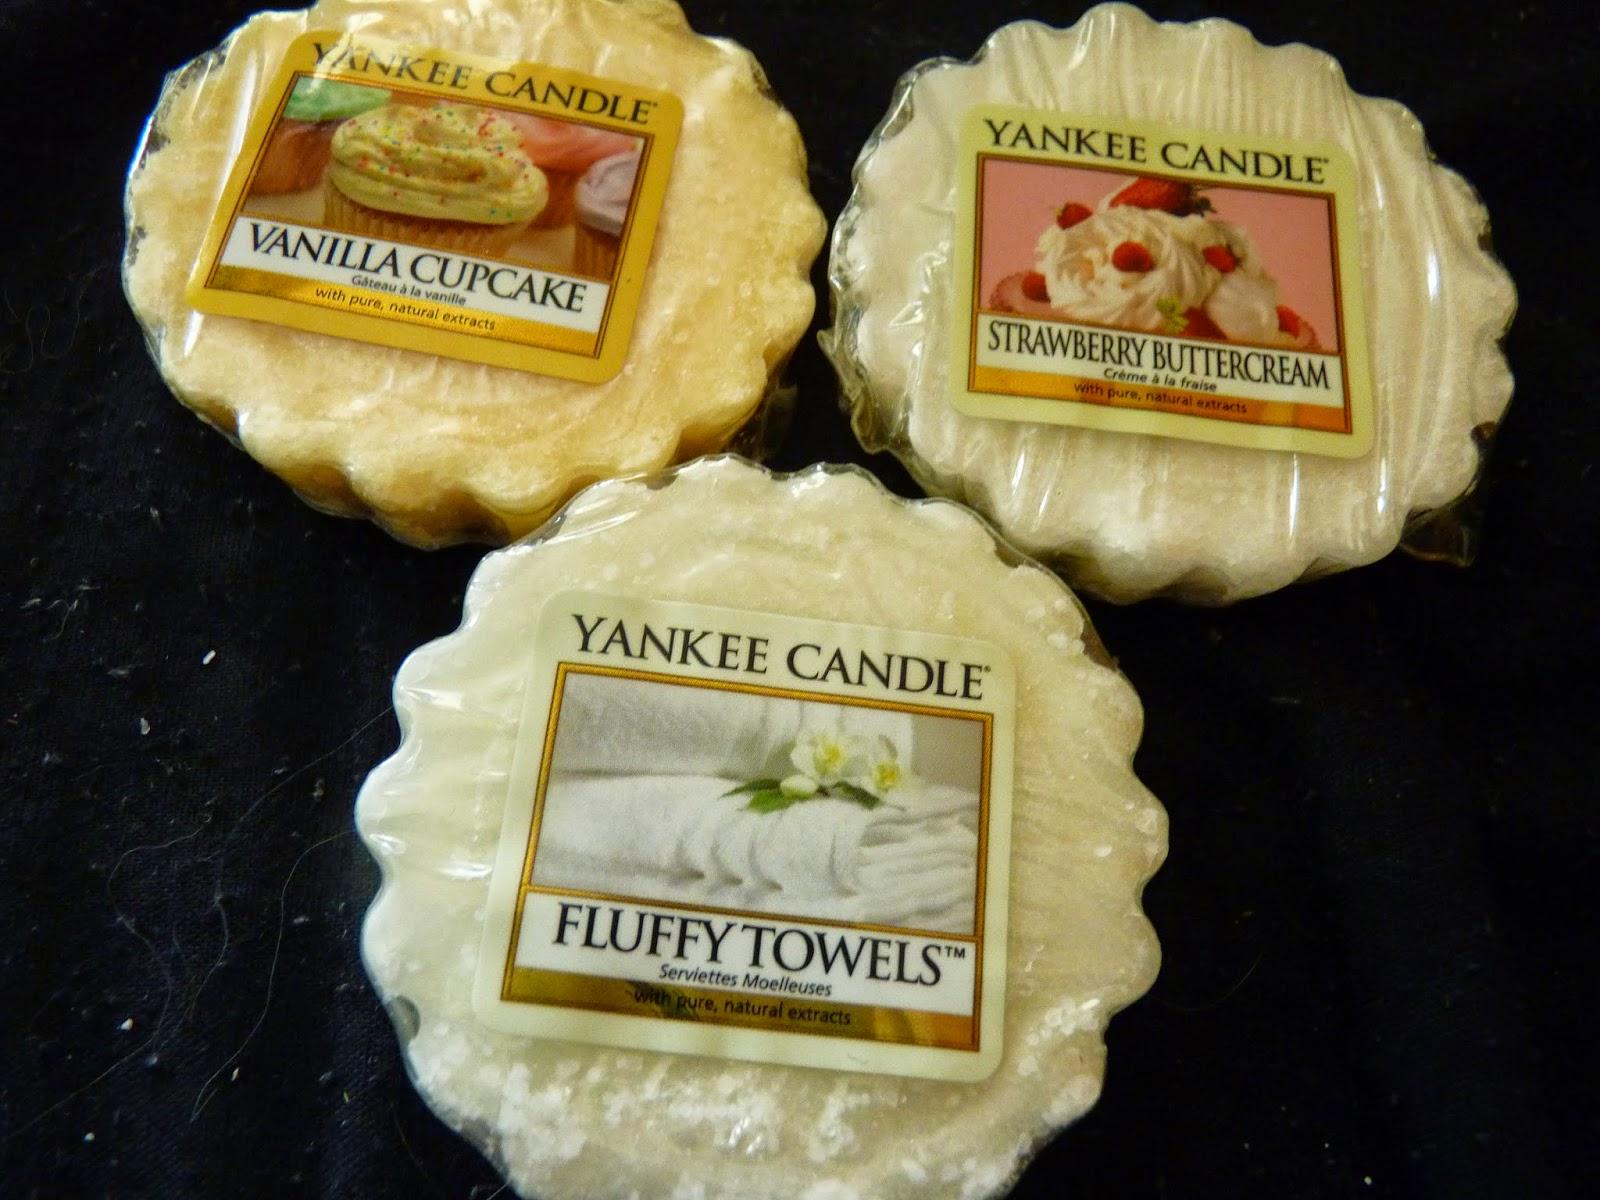 tartelette cire bougie yankee candle, bougies parfumées, vanilla cupcake, cupcake à la vanille, strawberry buttercream, fraises à la crème, fluffy towel, serviette moelleuse